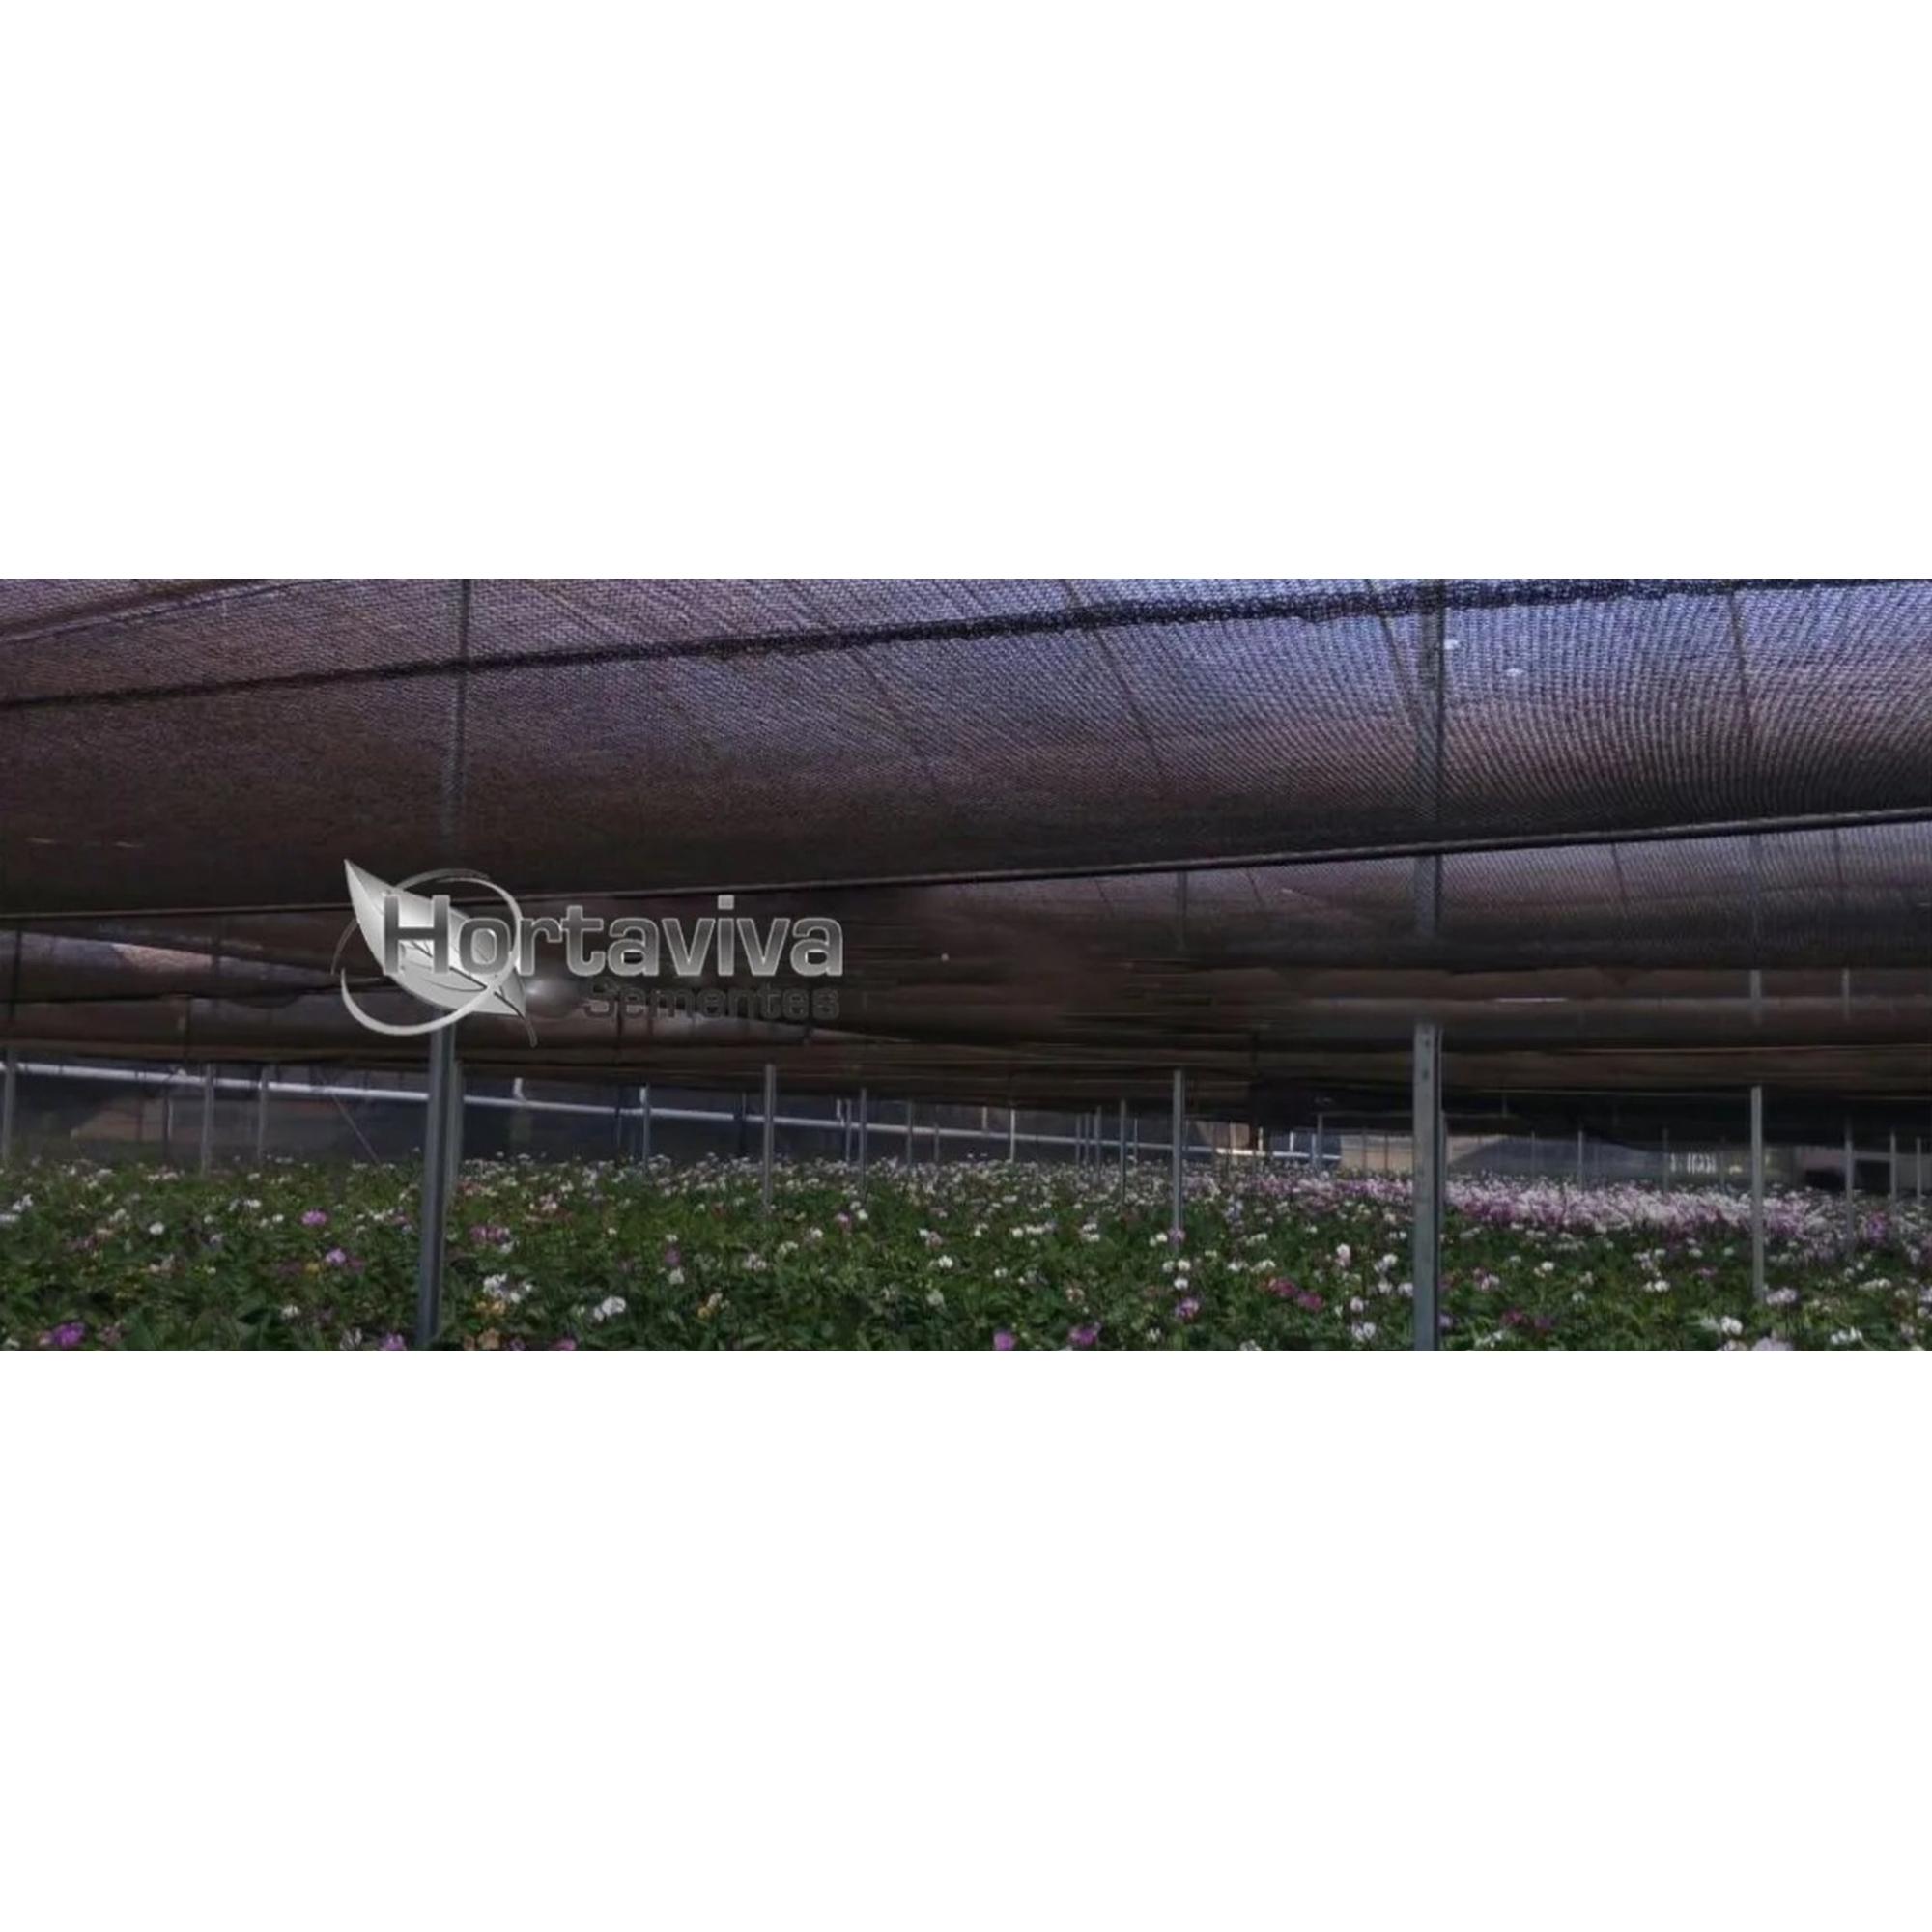 Tela de Sombreamento Preta 50% - 6 Metros x 45 Metros